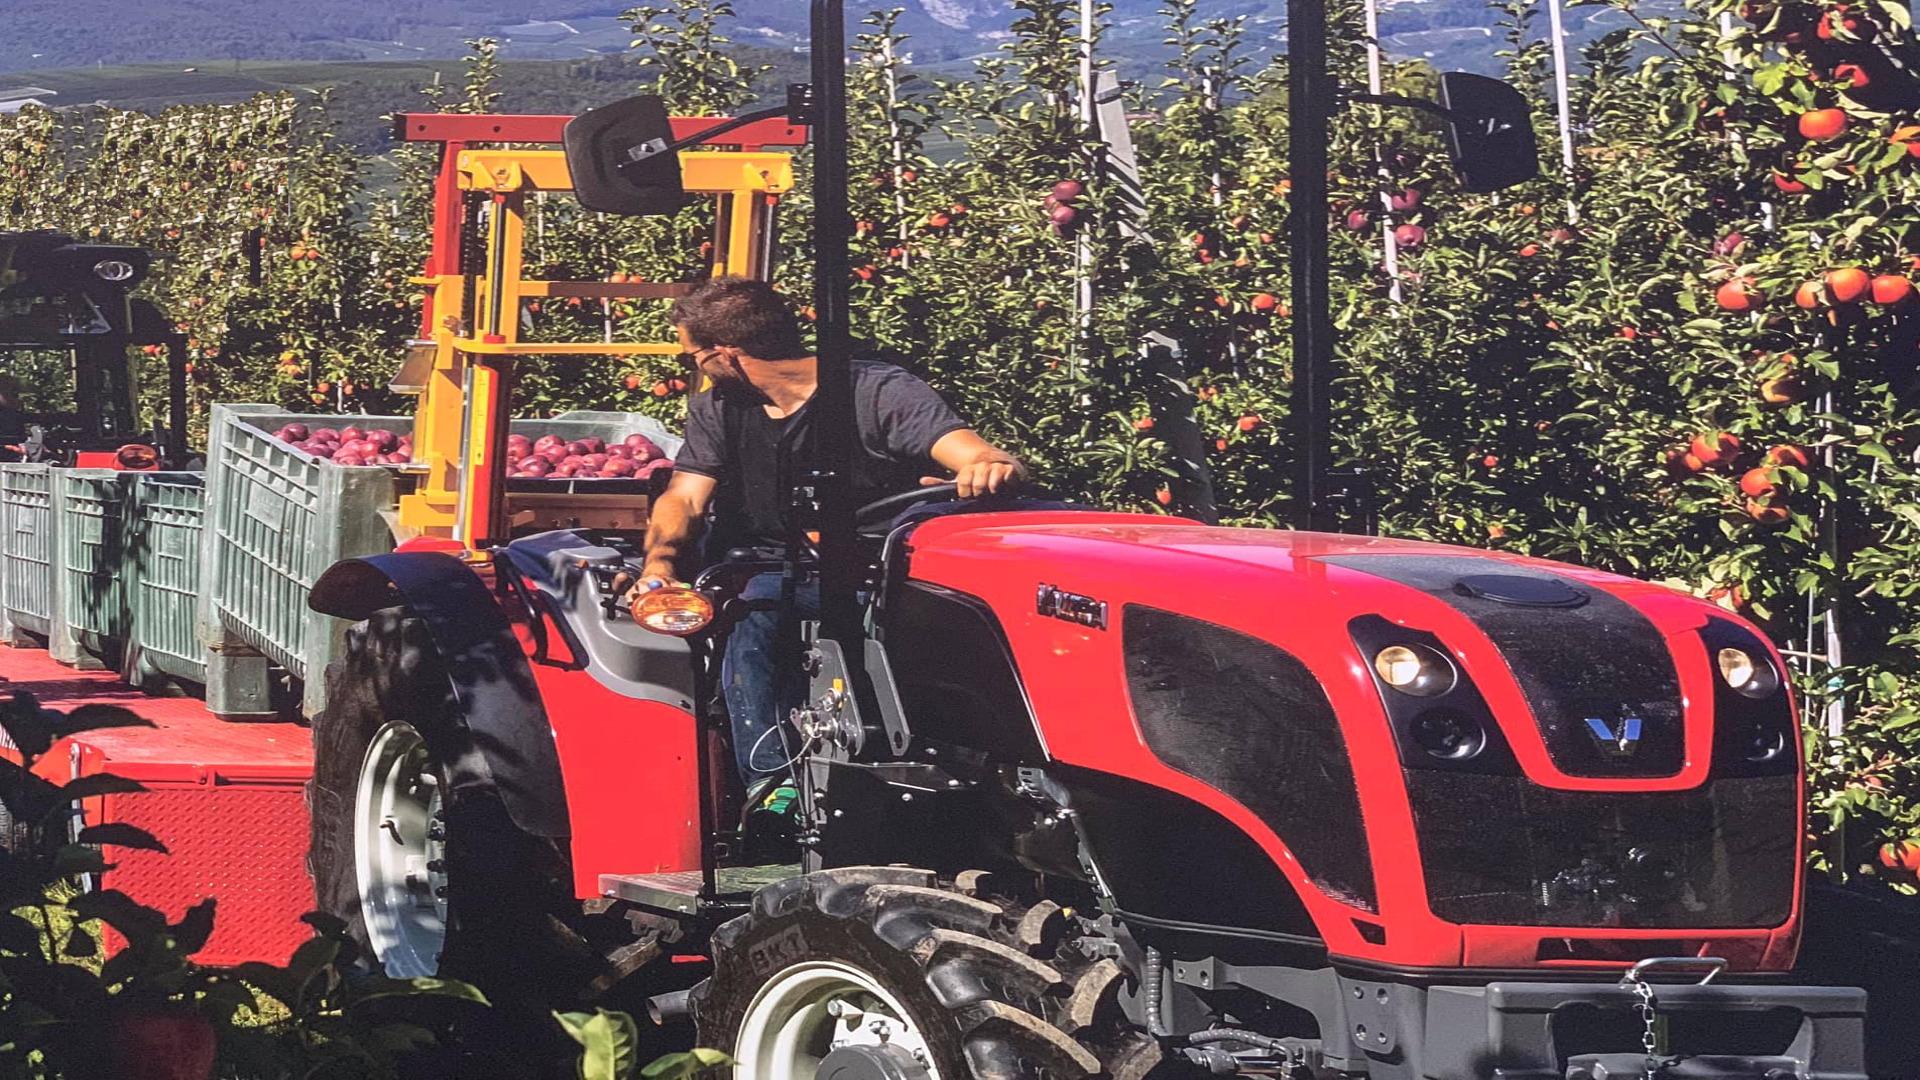 La importancia de respetar las medidas de seguridad para evitar los accidentes con el tractor1920